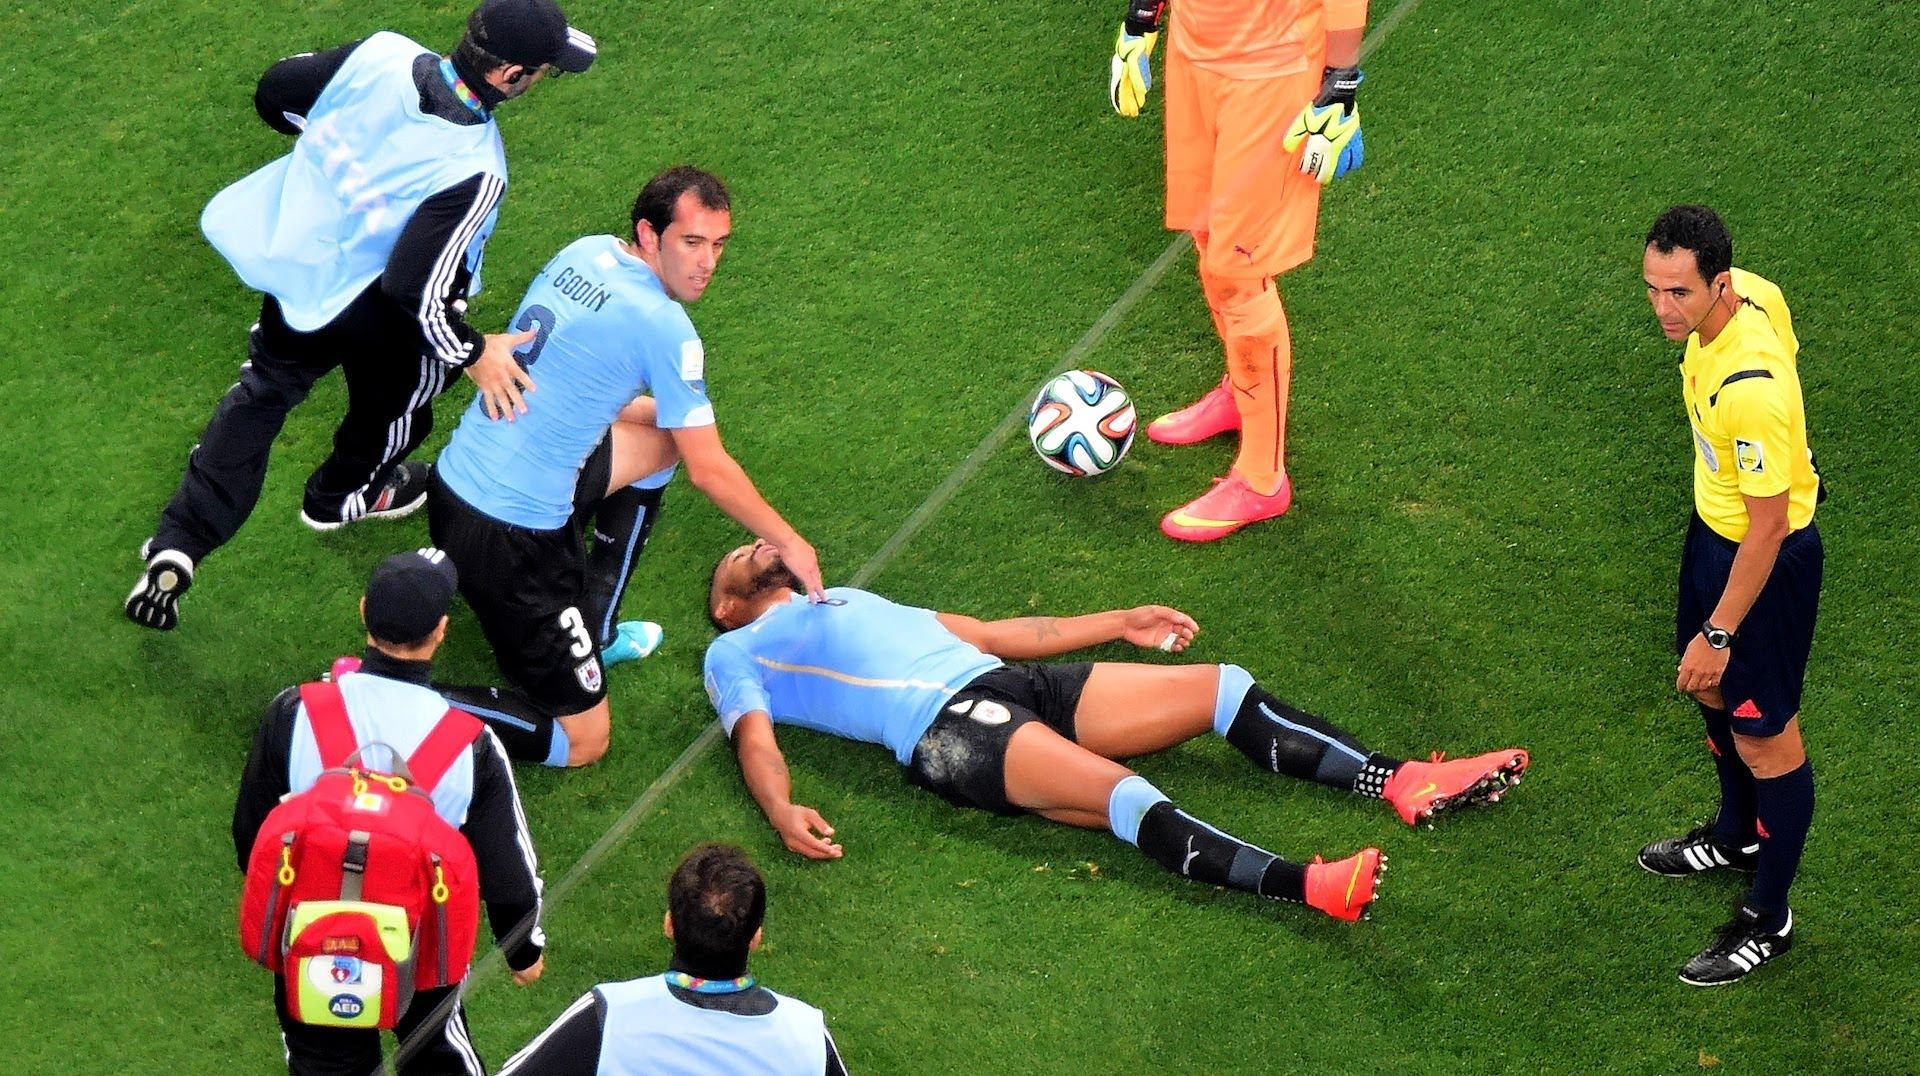 चोटिल पेरेरा फुटबाल विश्वकप में नहीं खेलेंगे